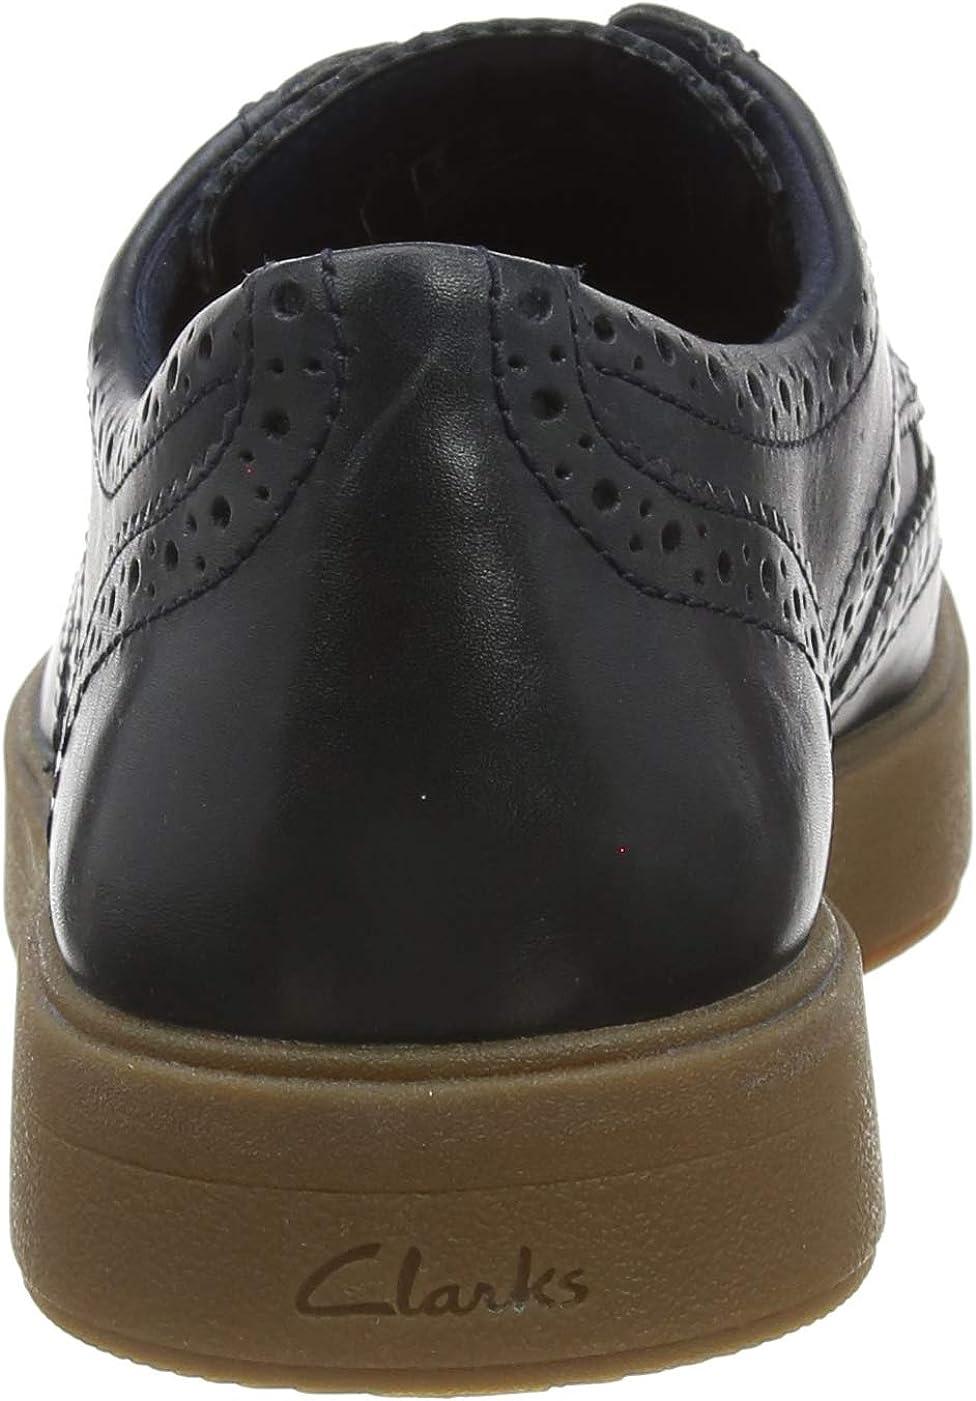 Clarks Hero Limit Zapatos de Cordones Derby para Hombre